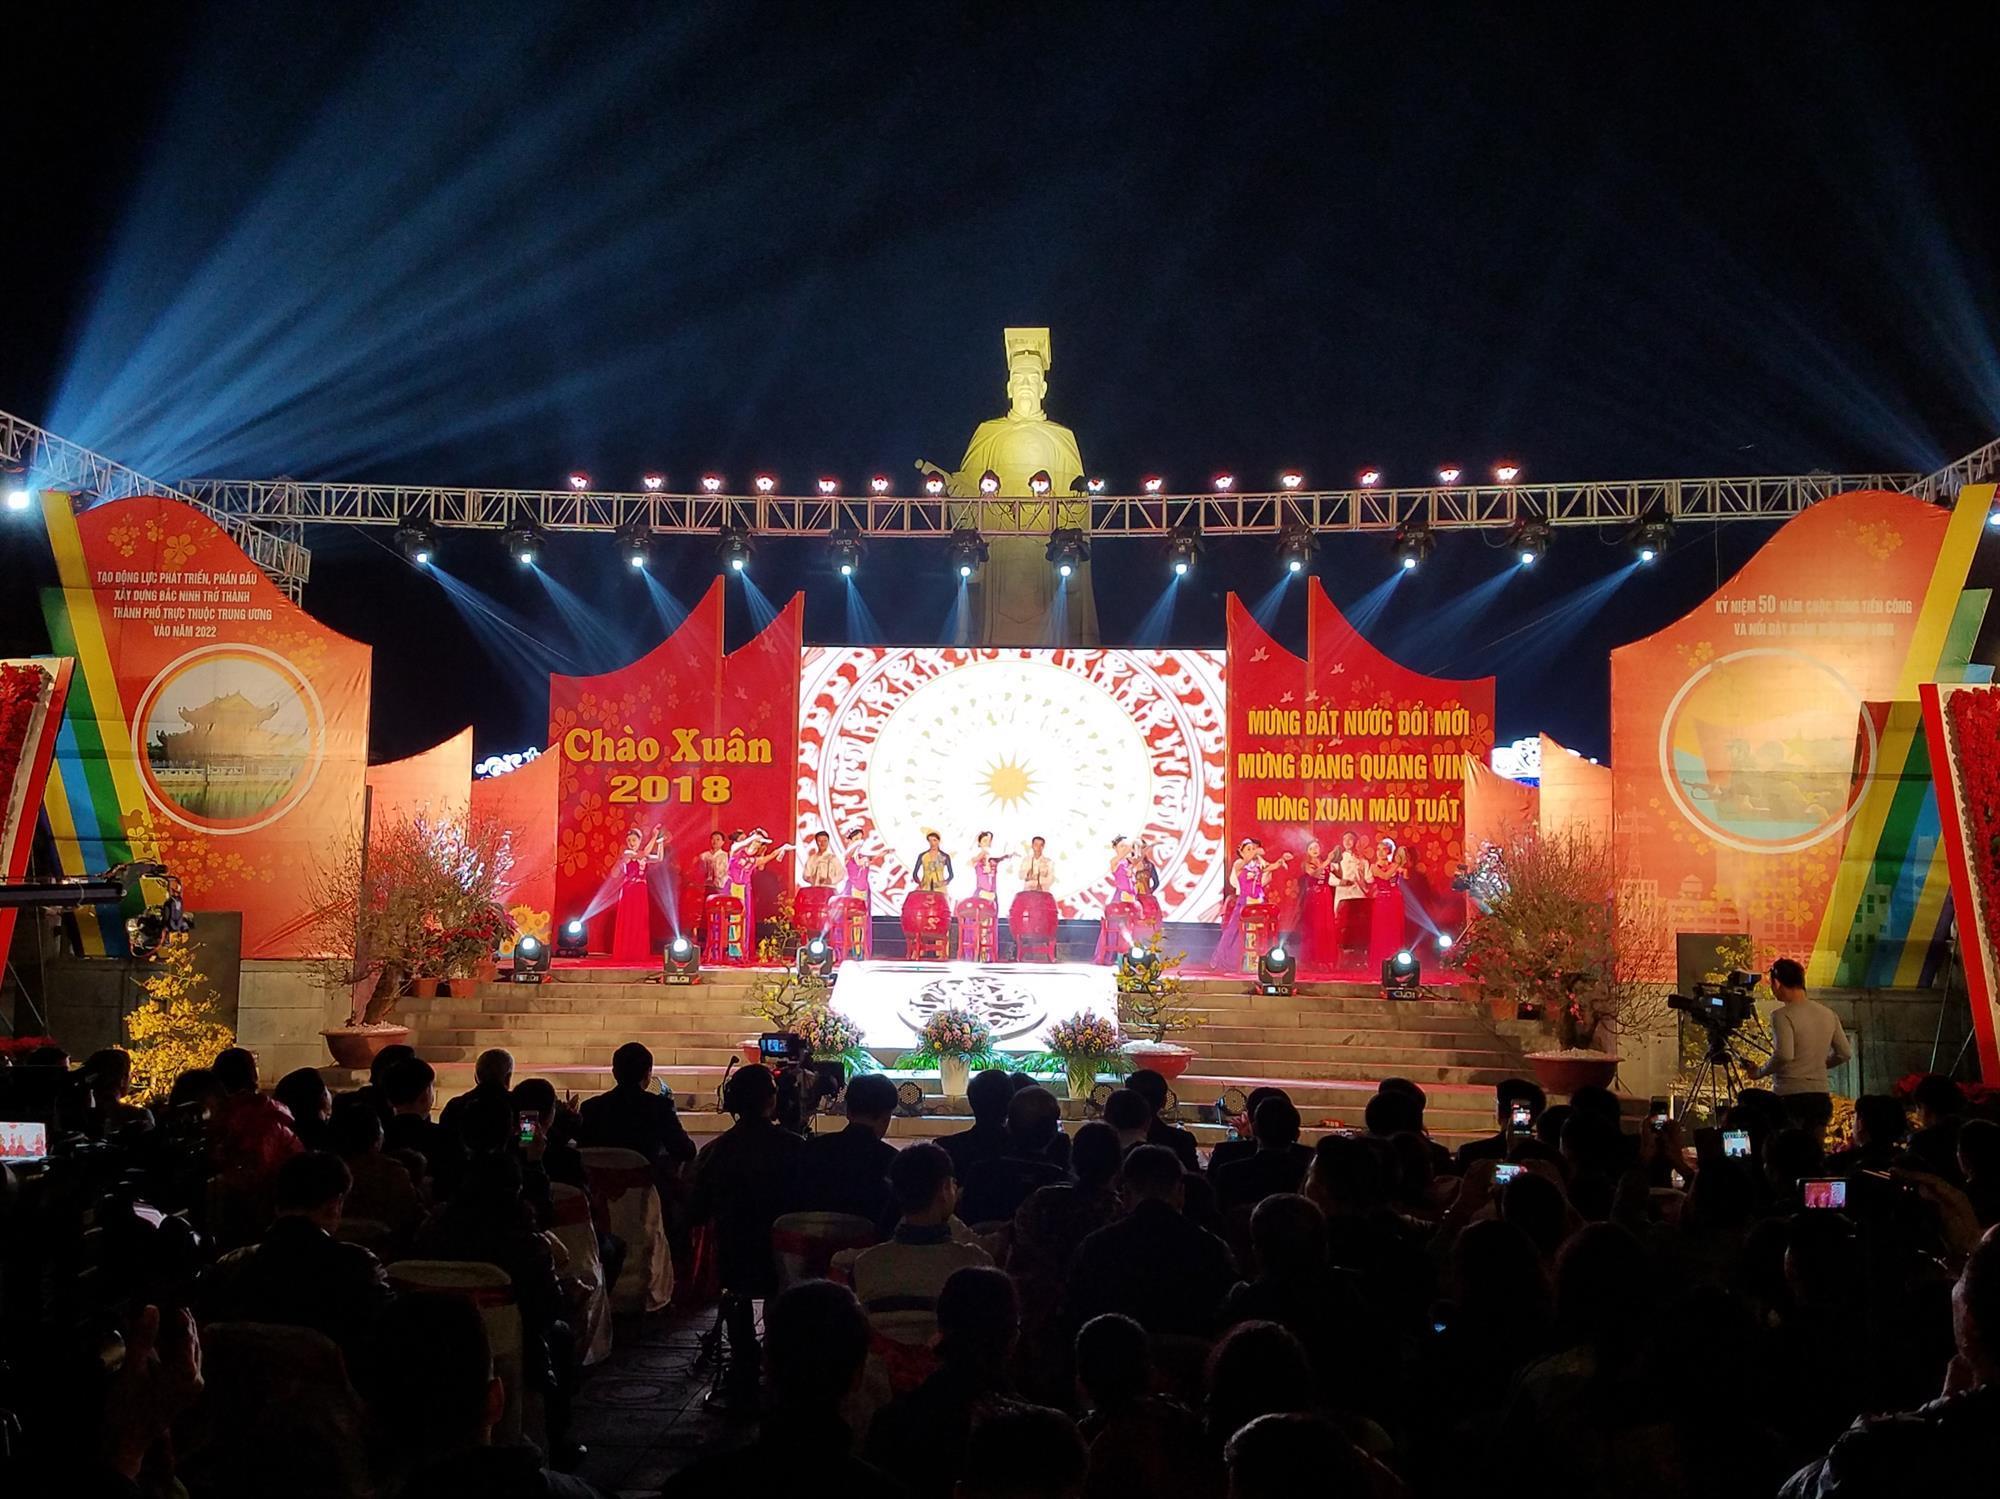 Chương trình nghệ thuật đặc biệt: Bắc Ninh chào xuân Mậu Tuất 2018